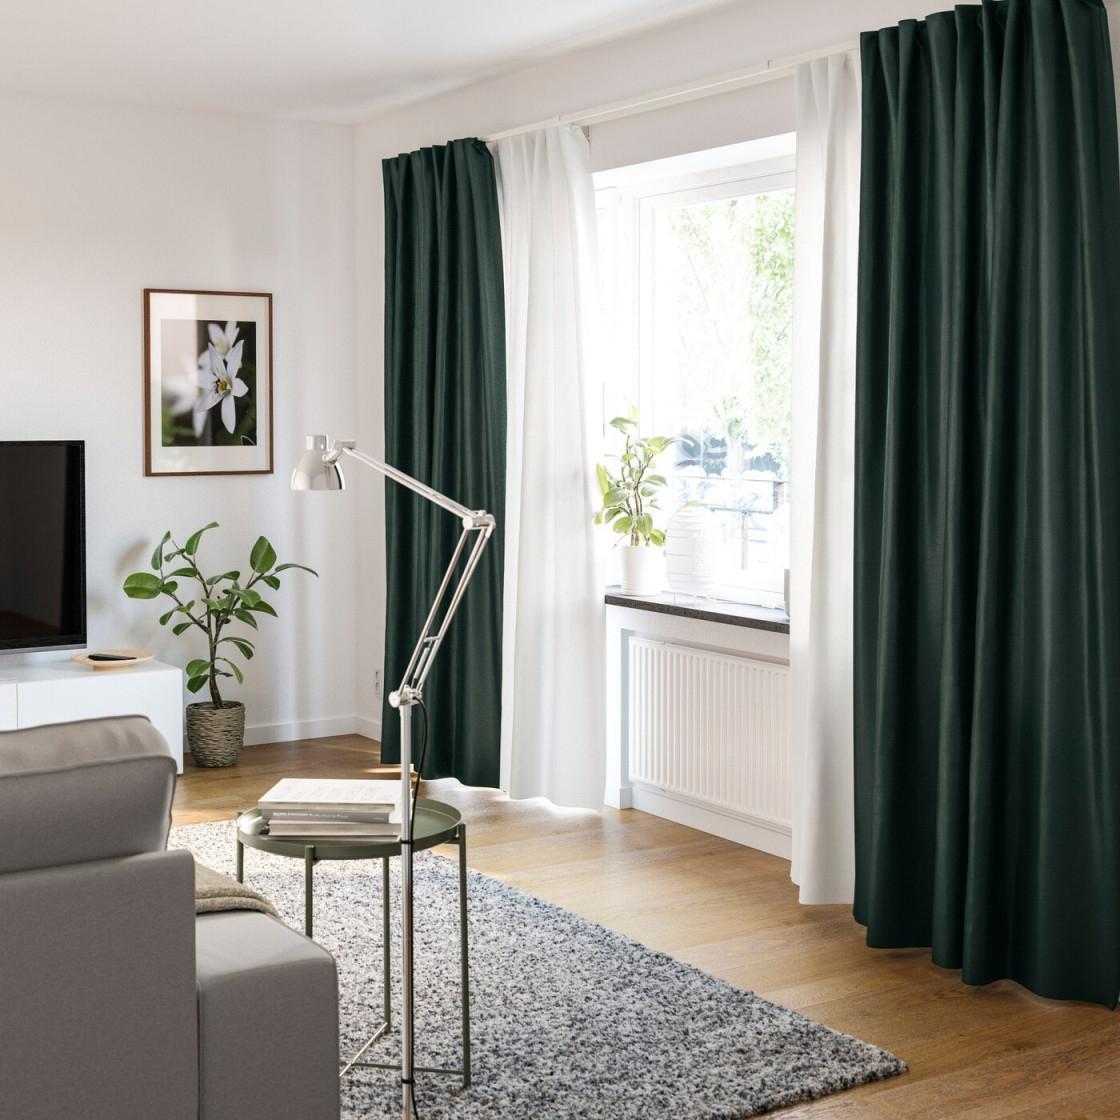 Gardinenideen Inspirationen Für Dein Zuhause  Ikea von Gardinen Farbe Wohnzimmer Photo